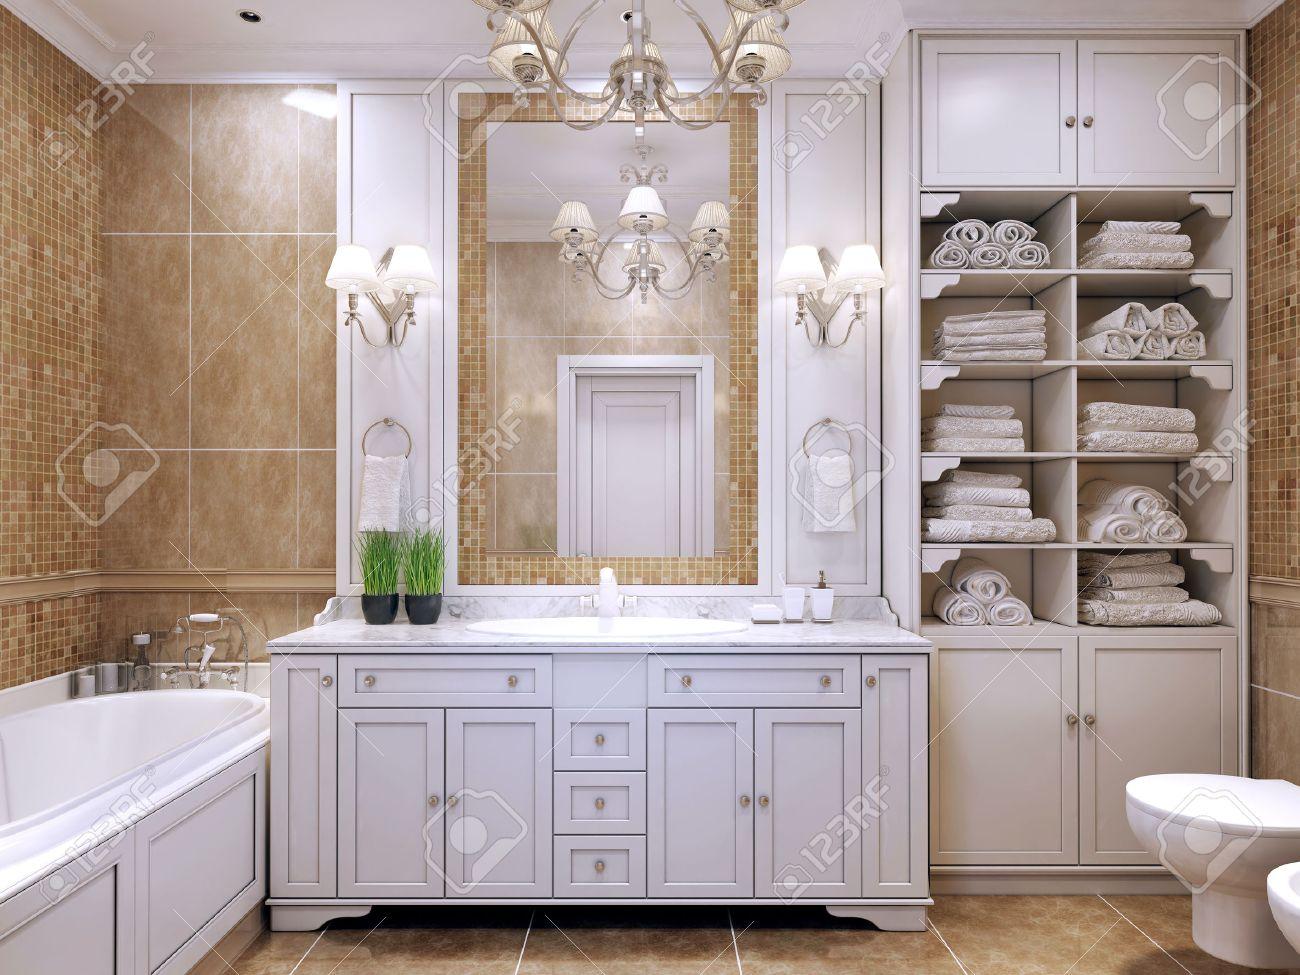 Mobili in bagno classico. crema bagno colorato con mobili bianchi ...